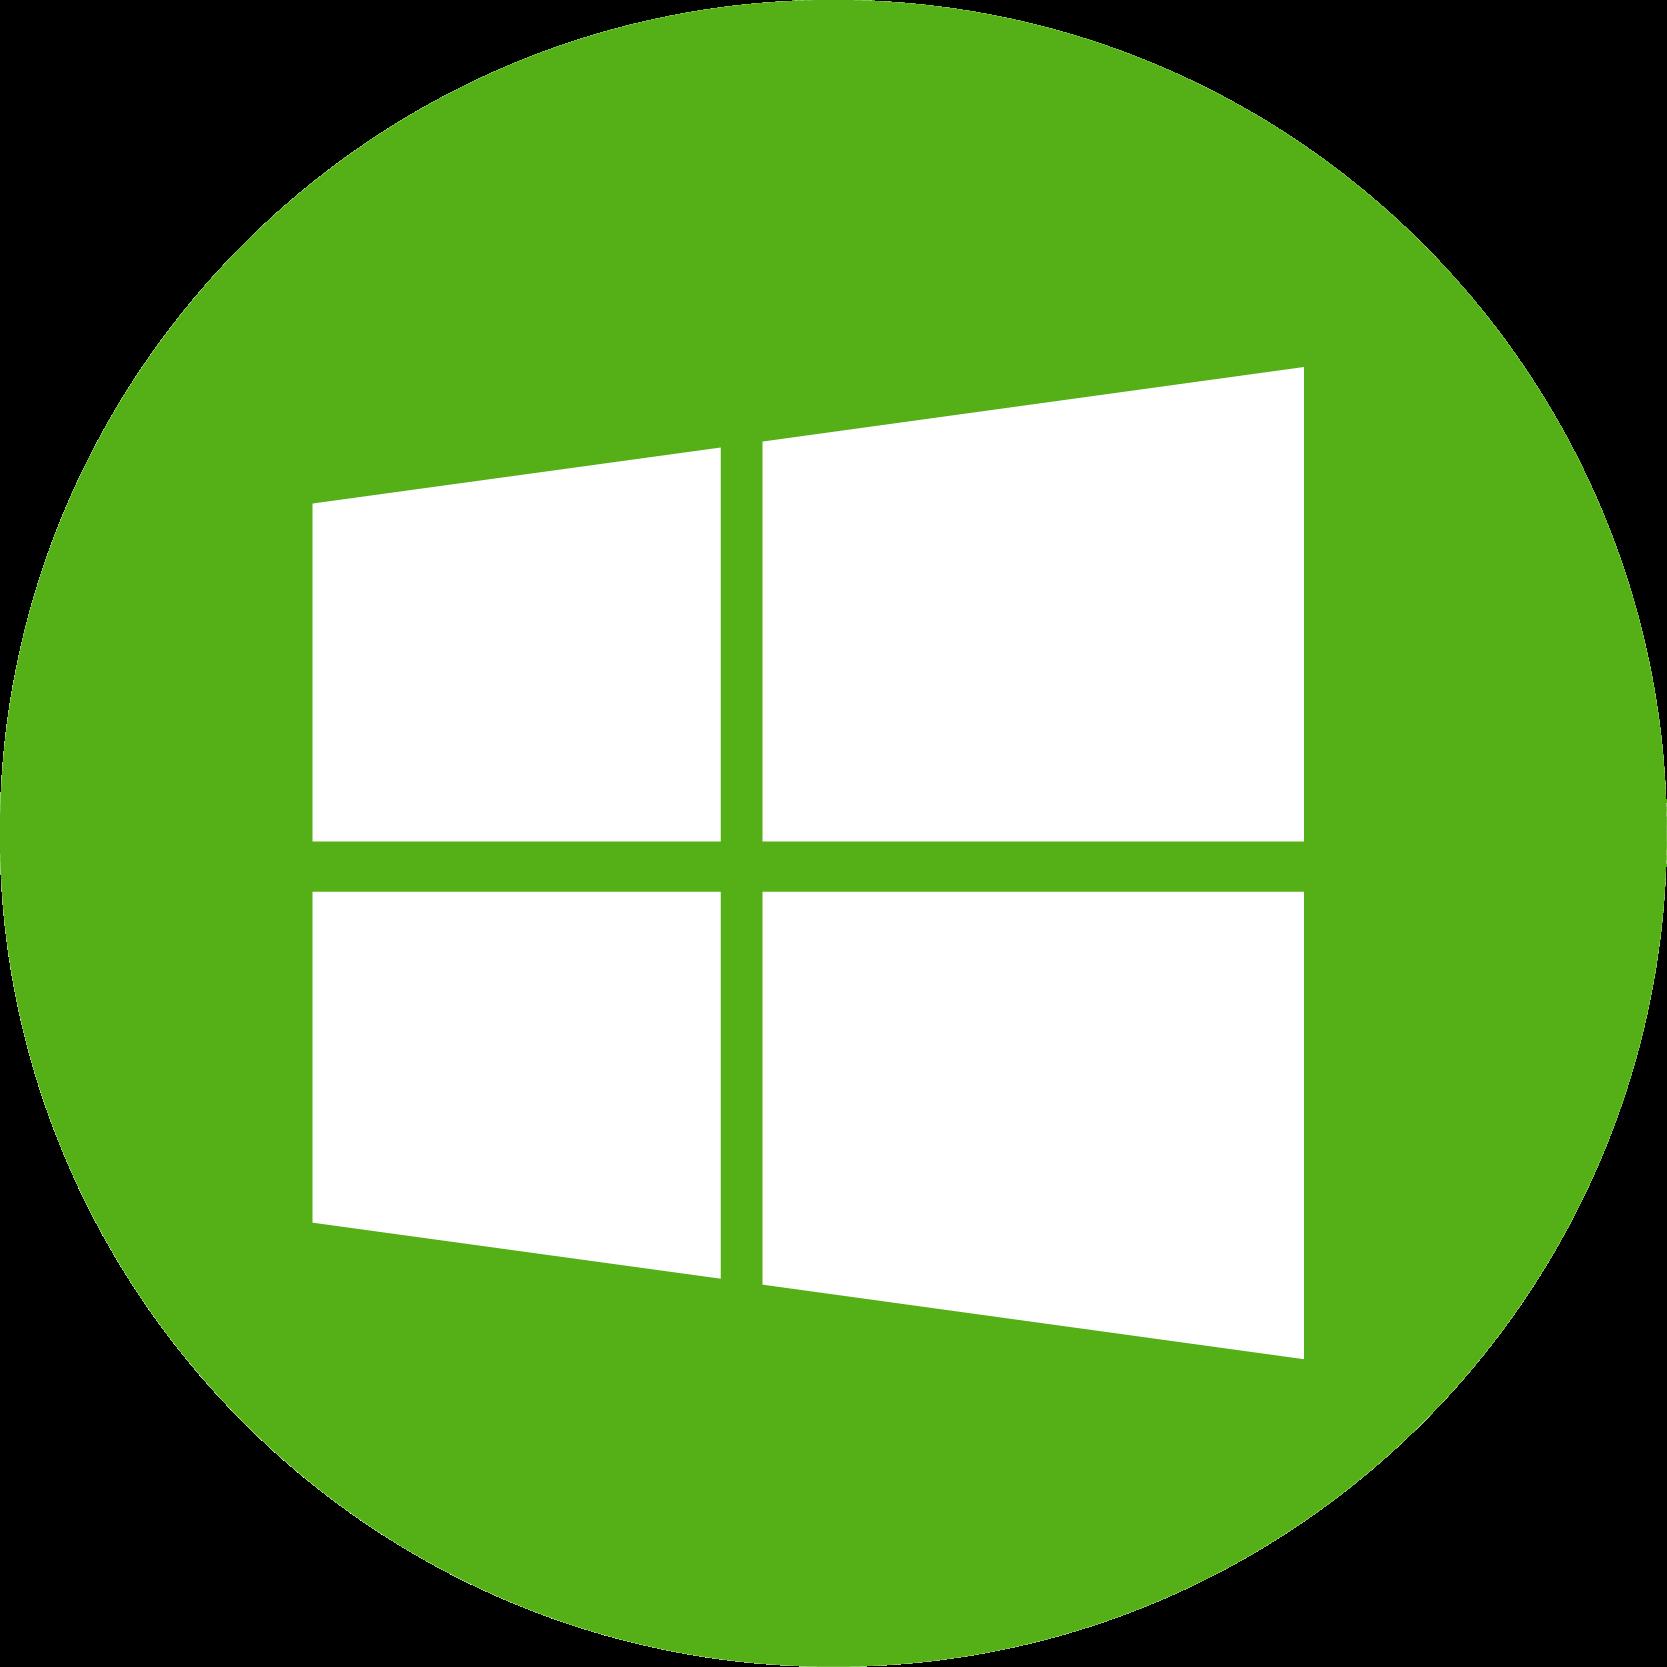 windows-7-logo.png